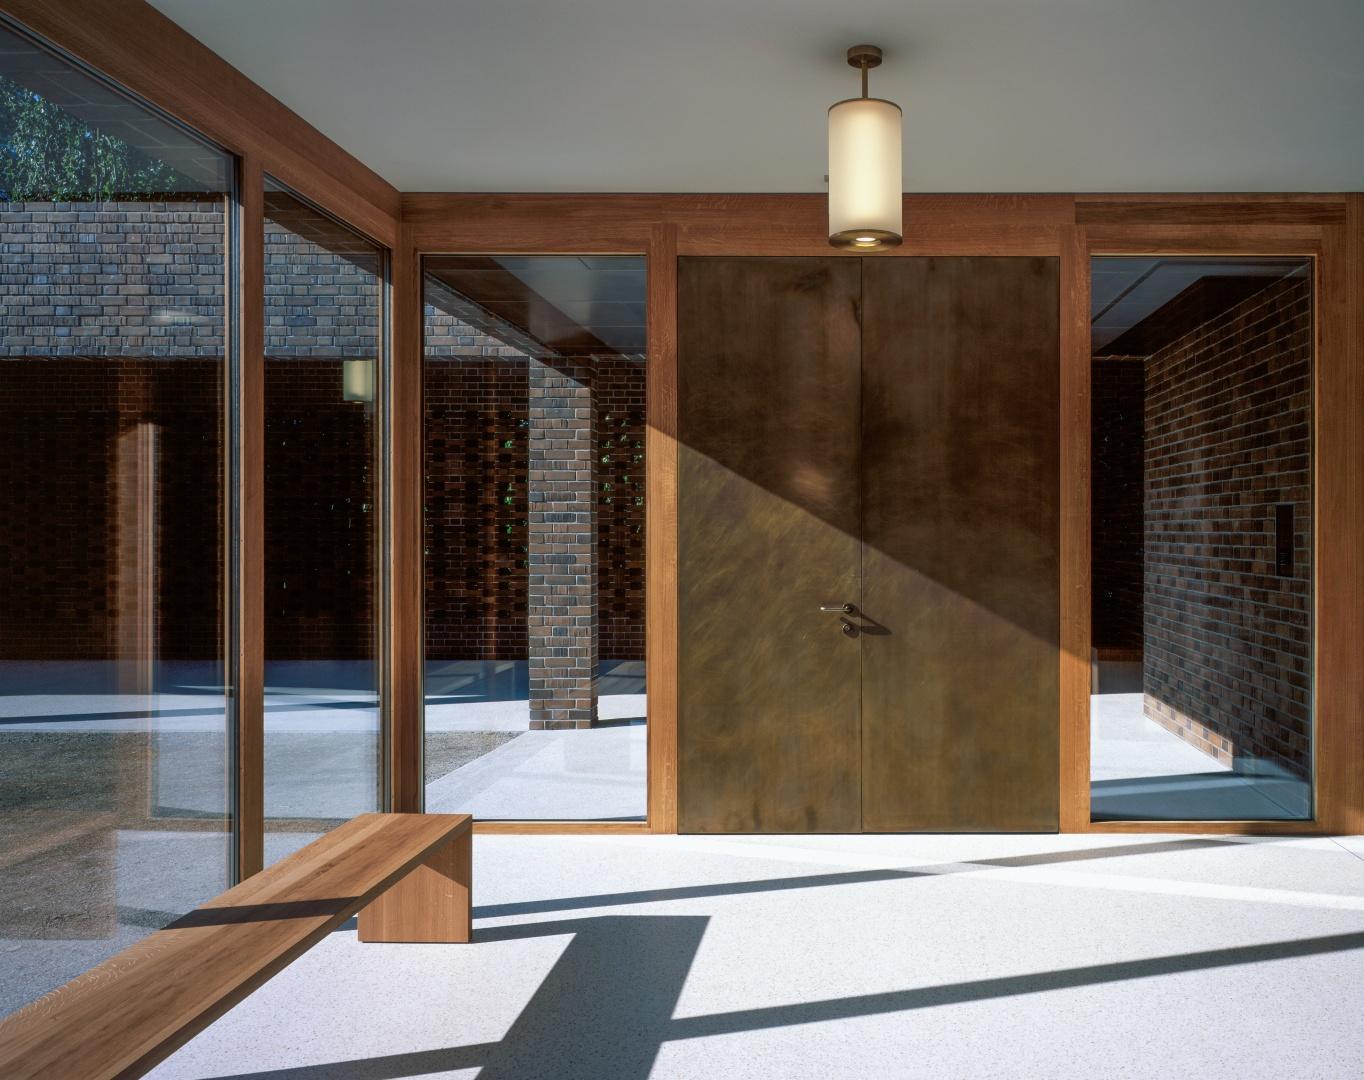 Die raumhohen Fenster erlauben den Blick zurück aus dem Eingangsbereich  in die Kolonnade. Das Thema des Übergangs  rückt ins Bewusstsein. © Hélène Binet